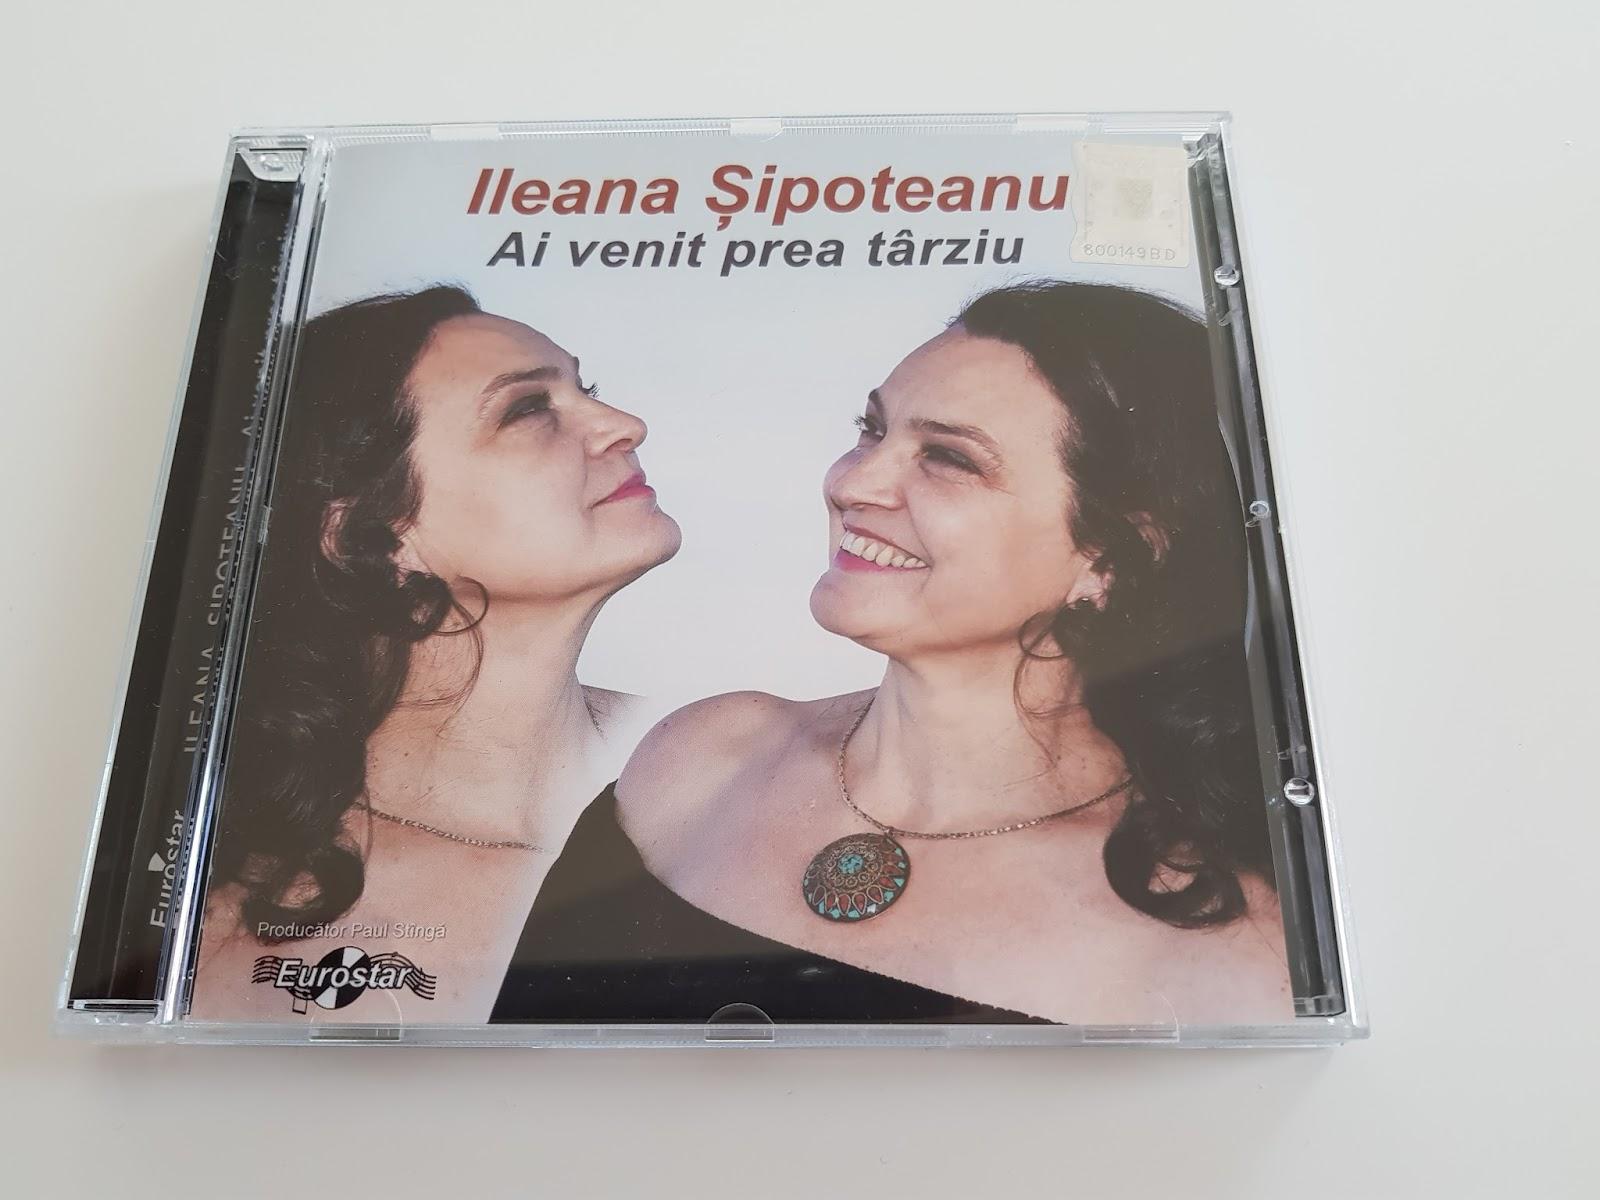 femeie muzicala cautand om)